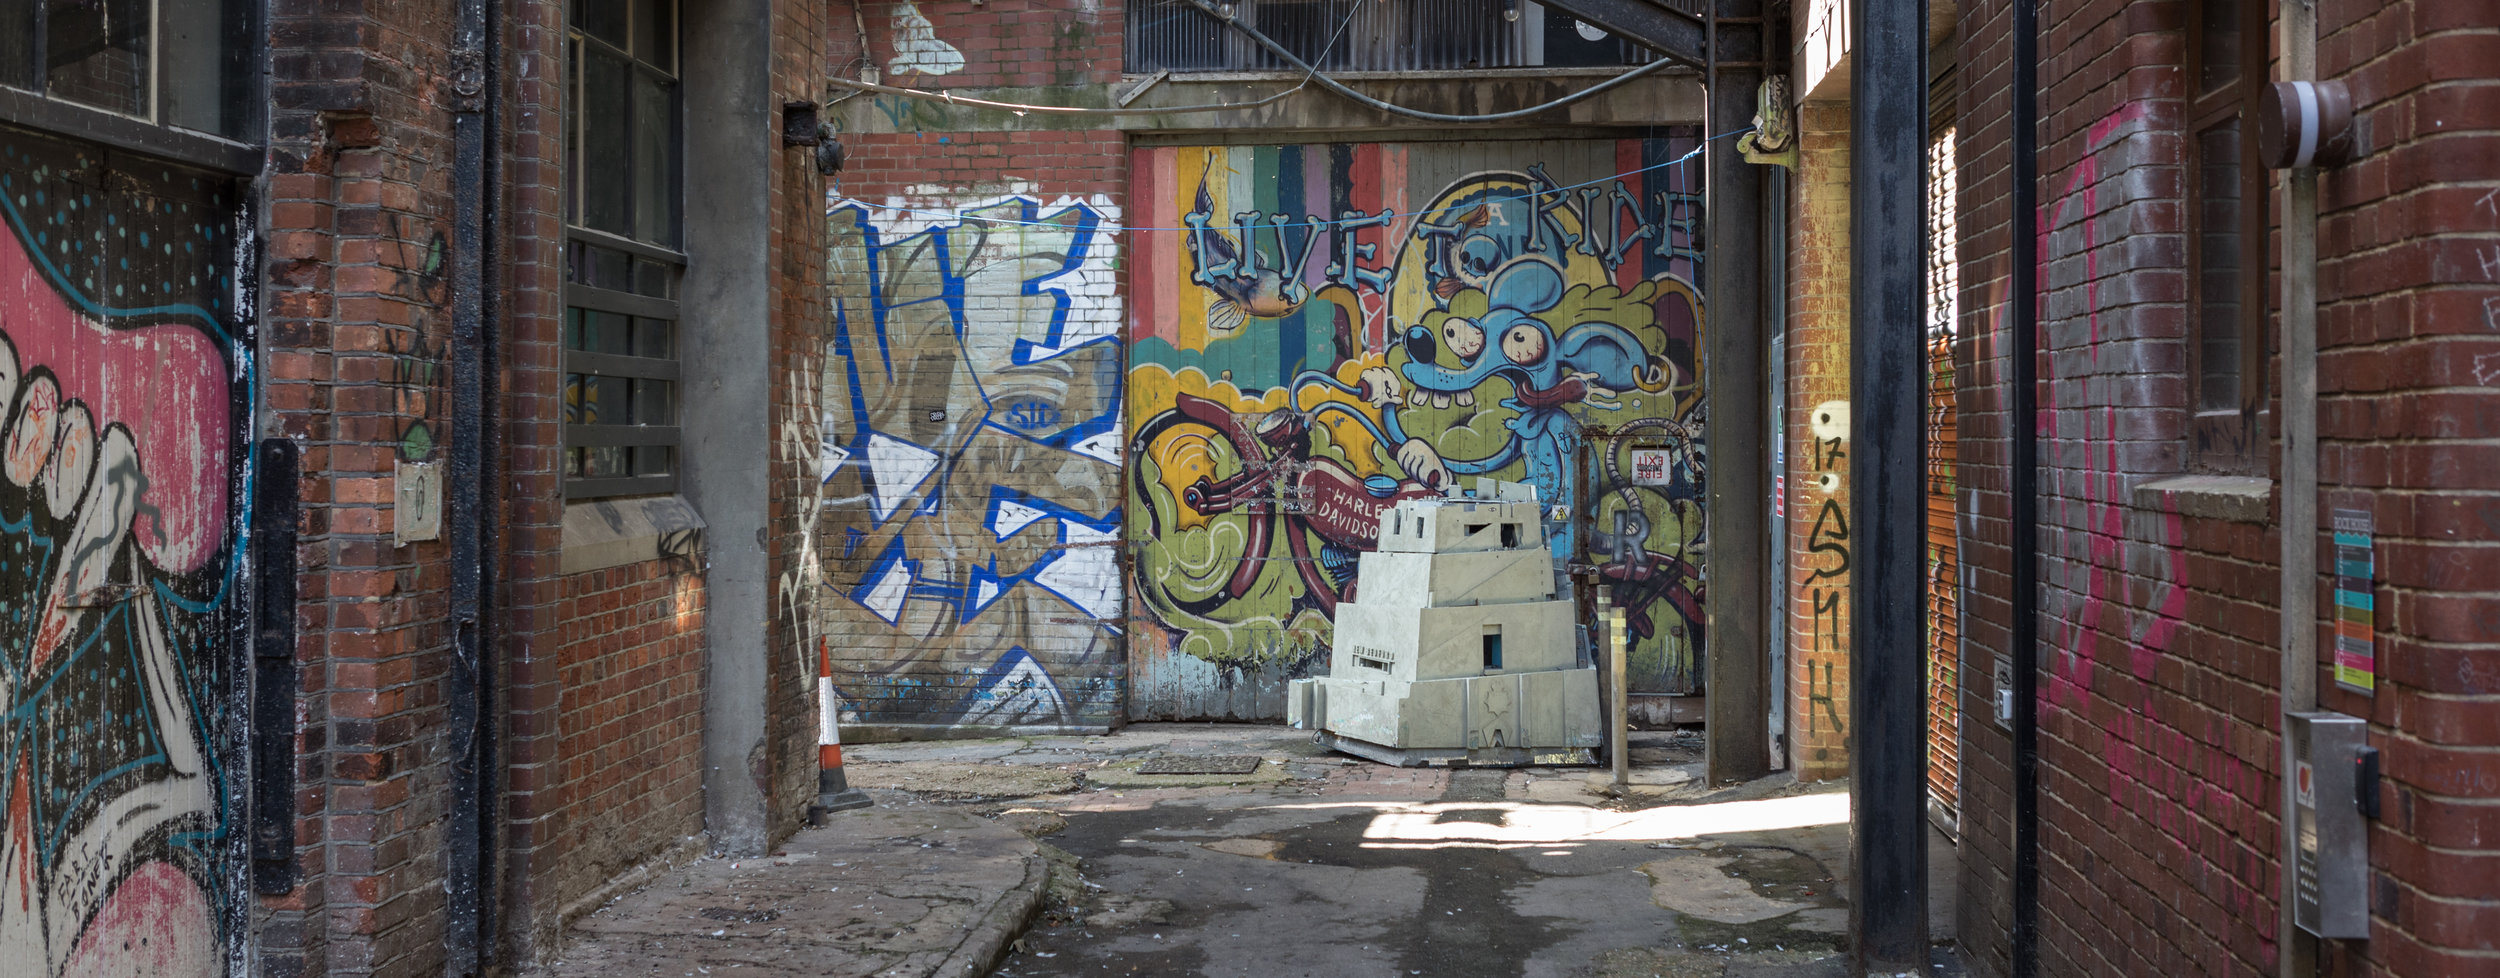 Alley_31-08-17-0096 copy.jpg